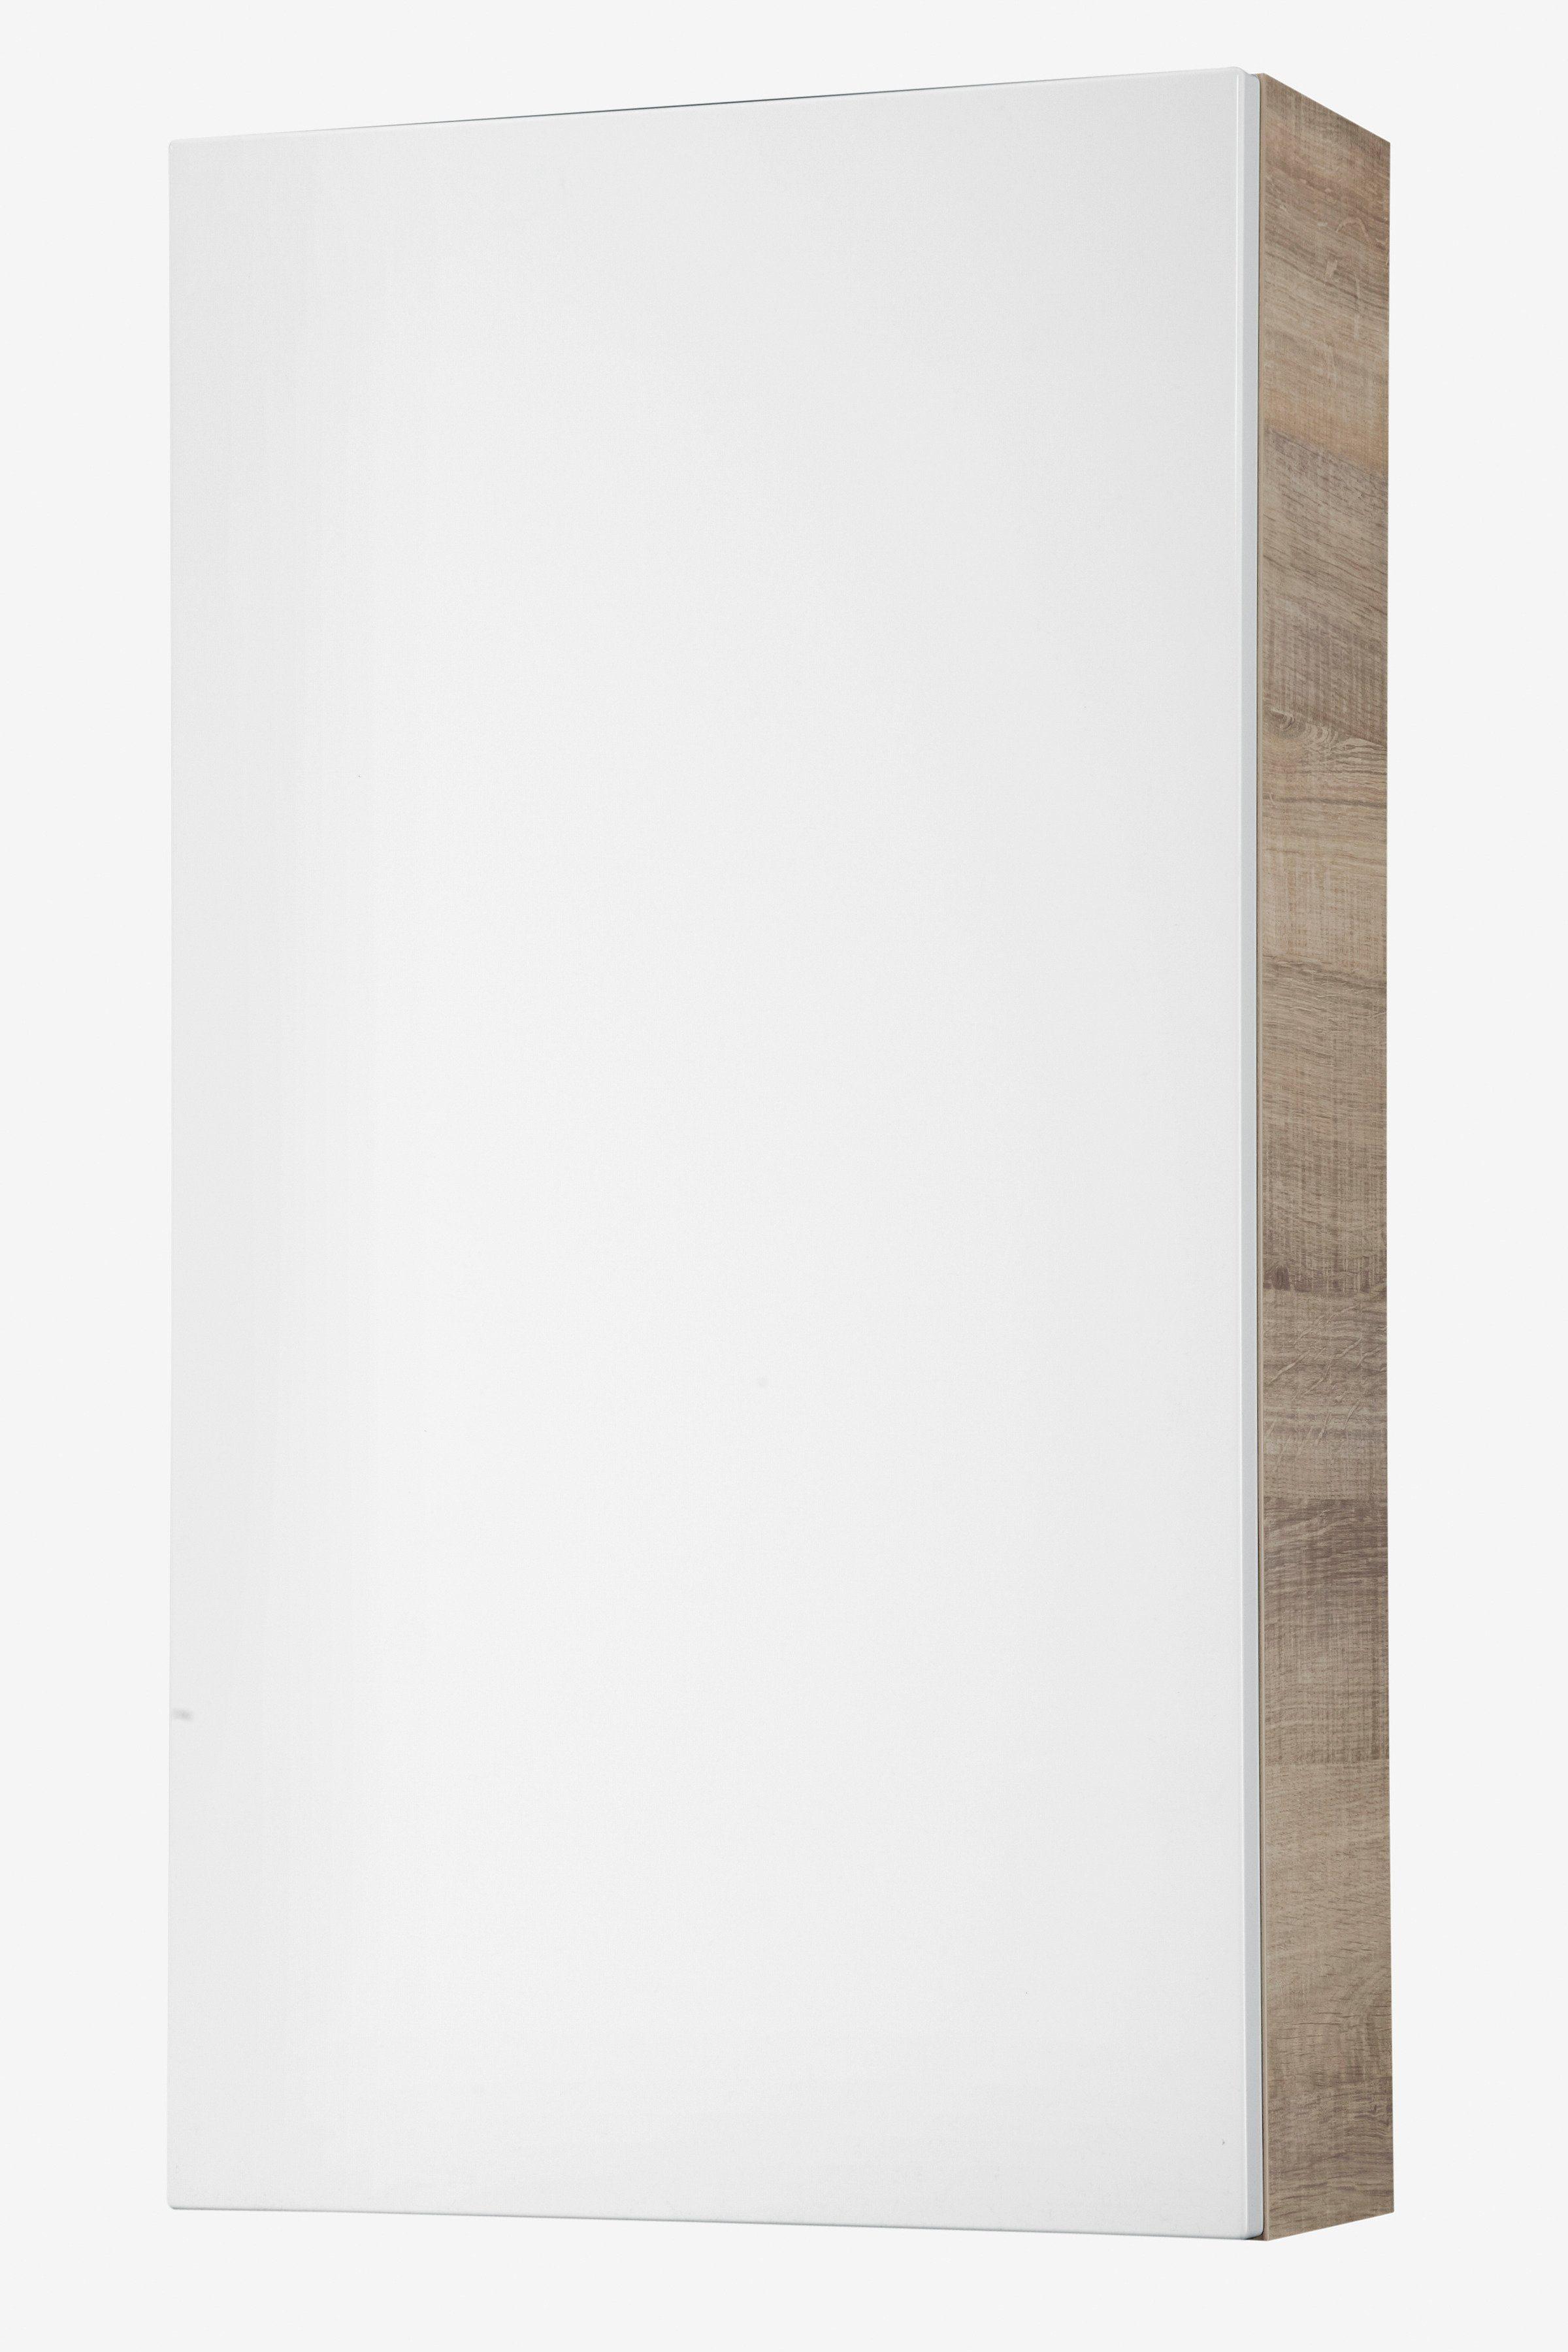 Hängeschrank »Piuro«, Breite 40 cm